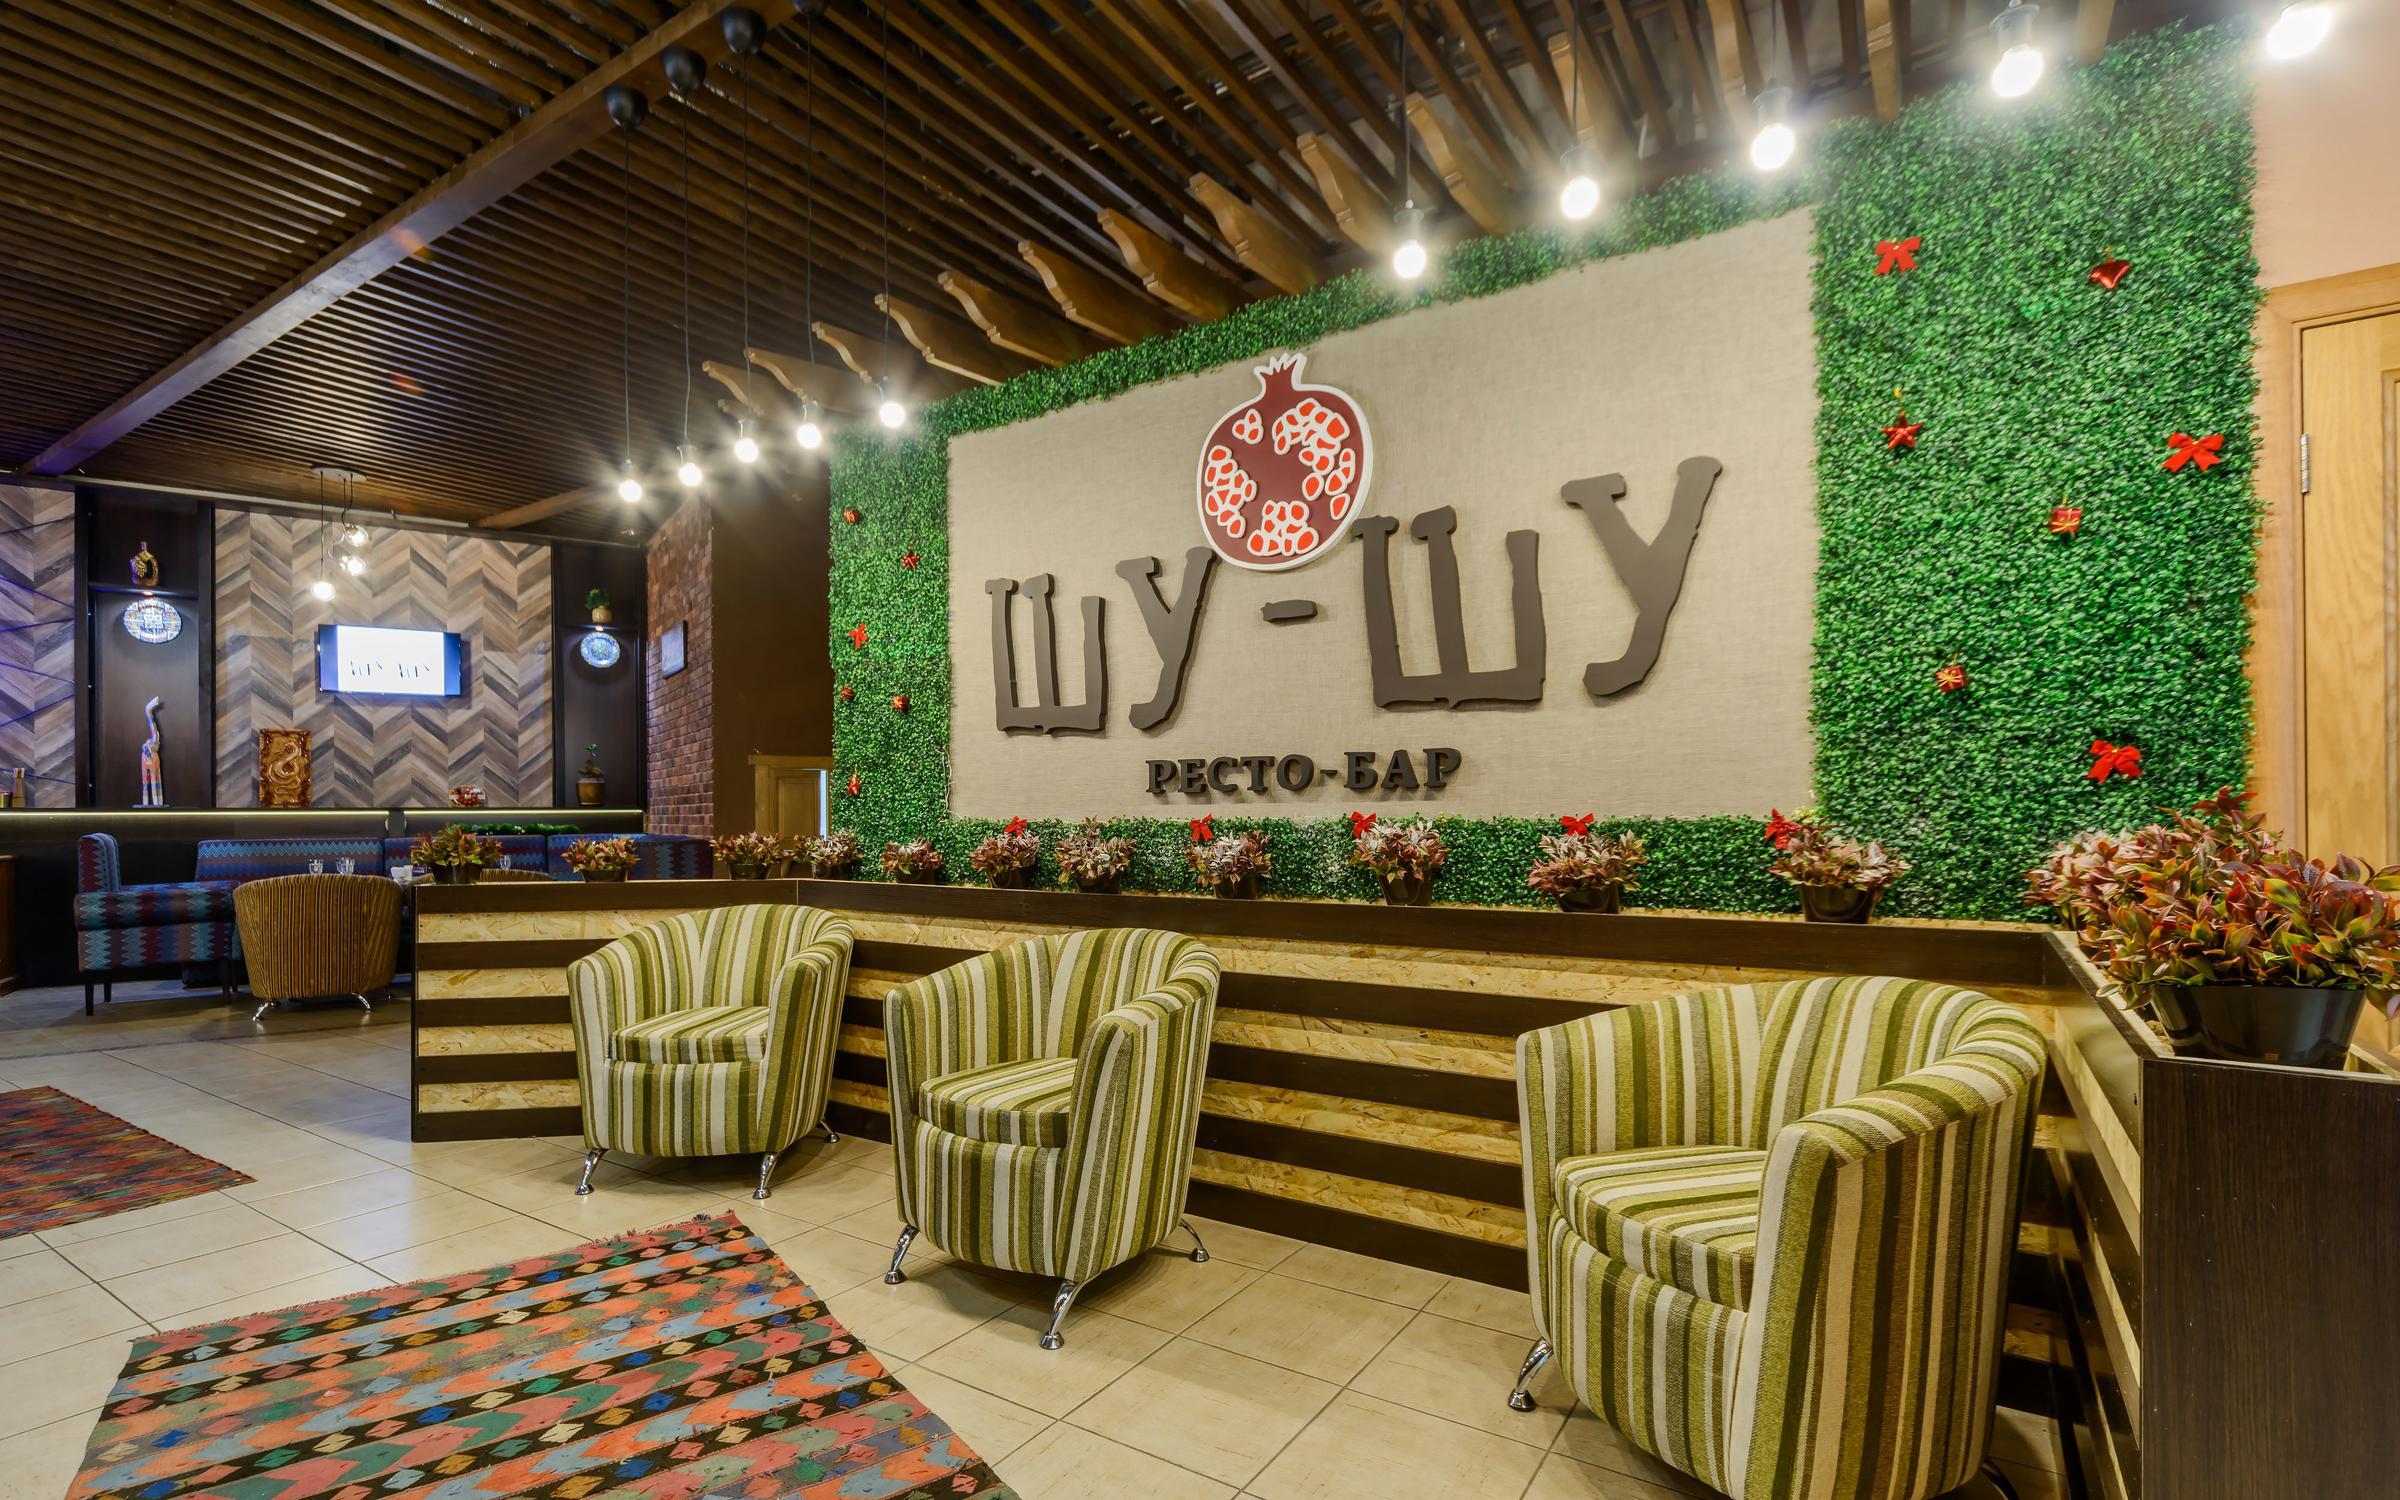 фотография Ресторана-бара Шу-Шу на Азовской улице